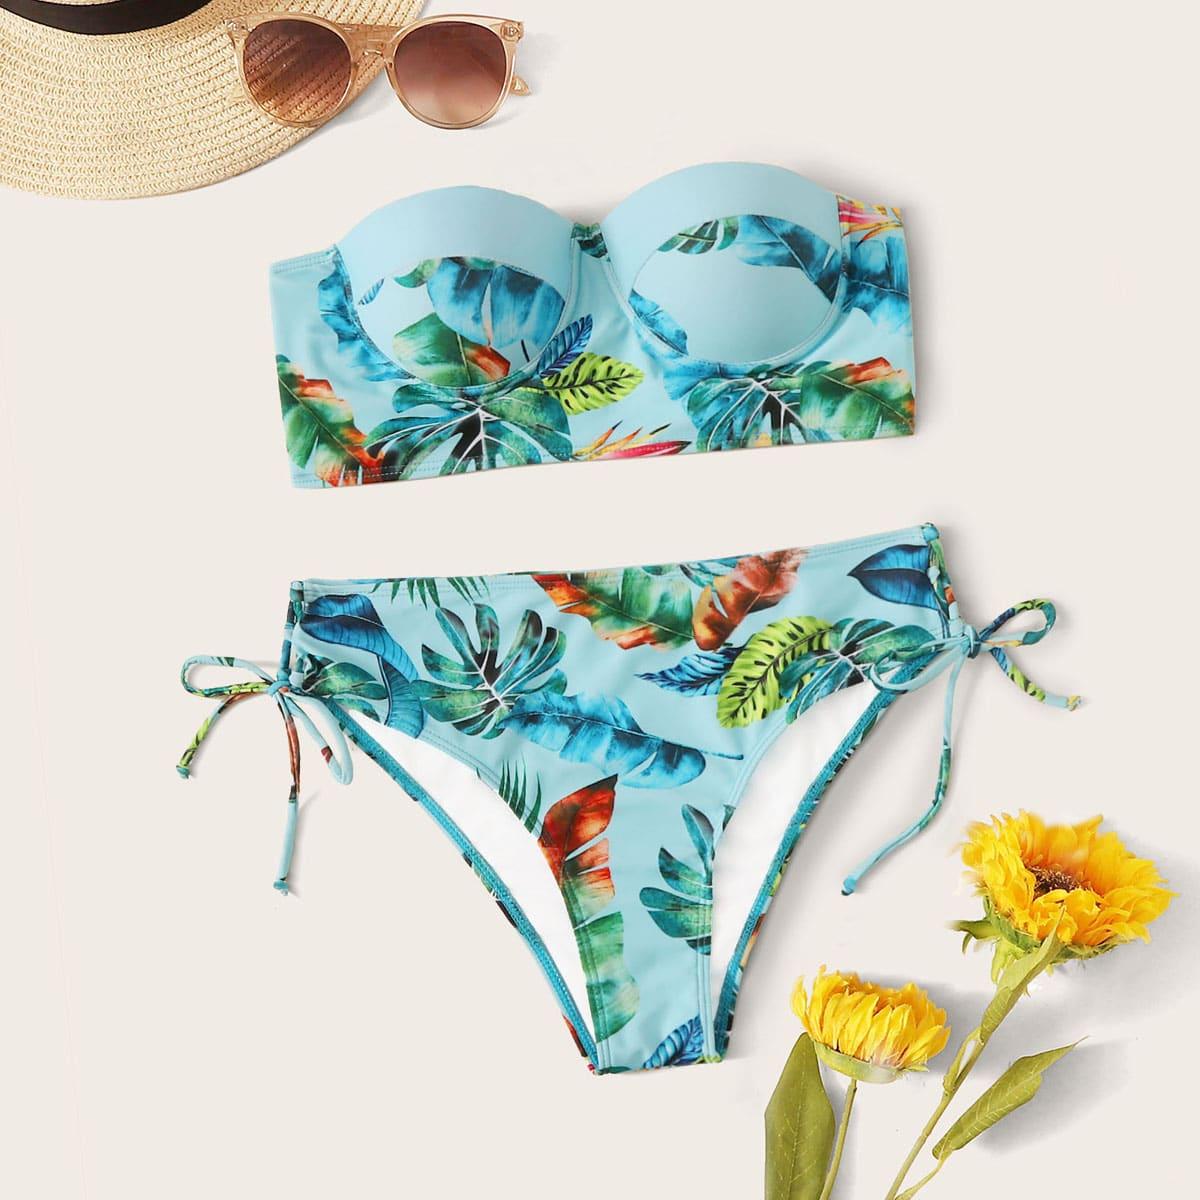 SHEIN / Underwire Random Tropical Bandeau With Tie Side Bikini